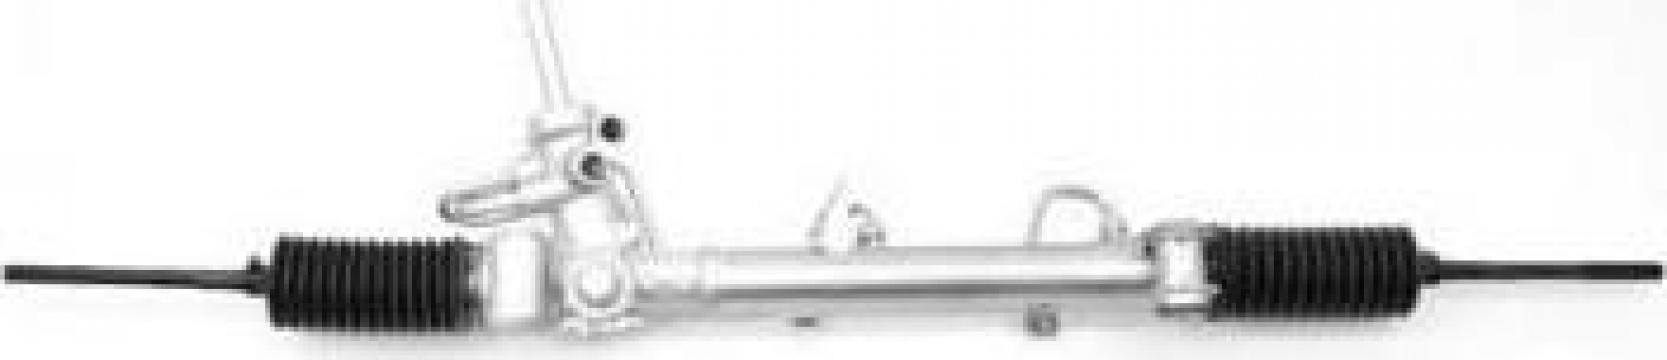 Caseta Directie Opel Astra G 02.98-12.09